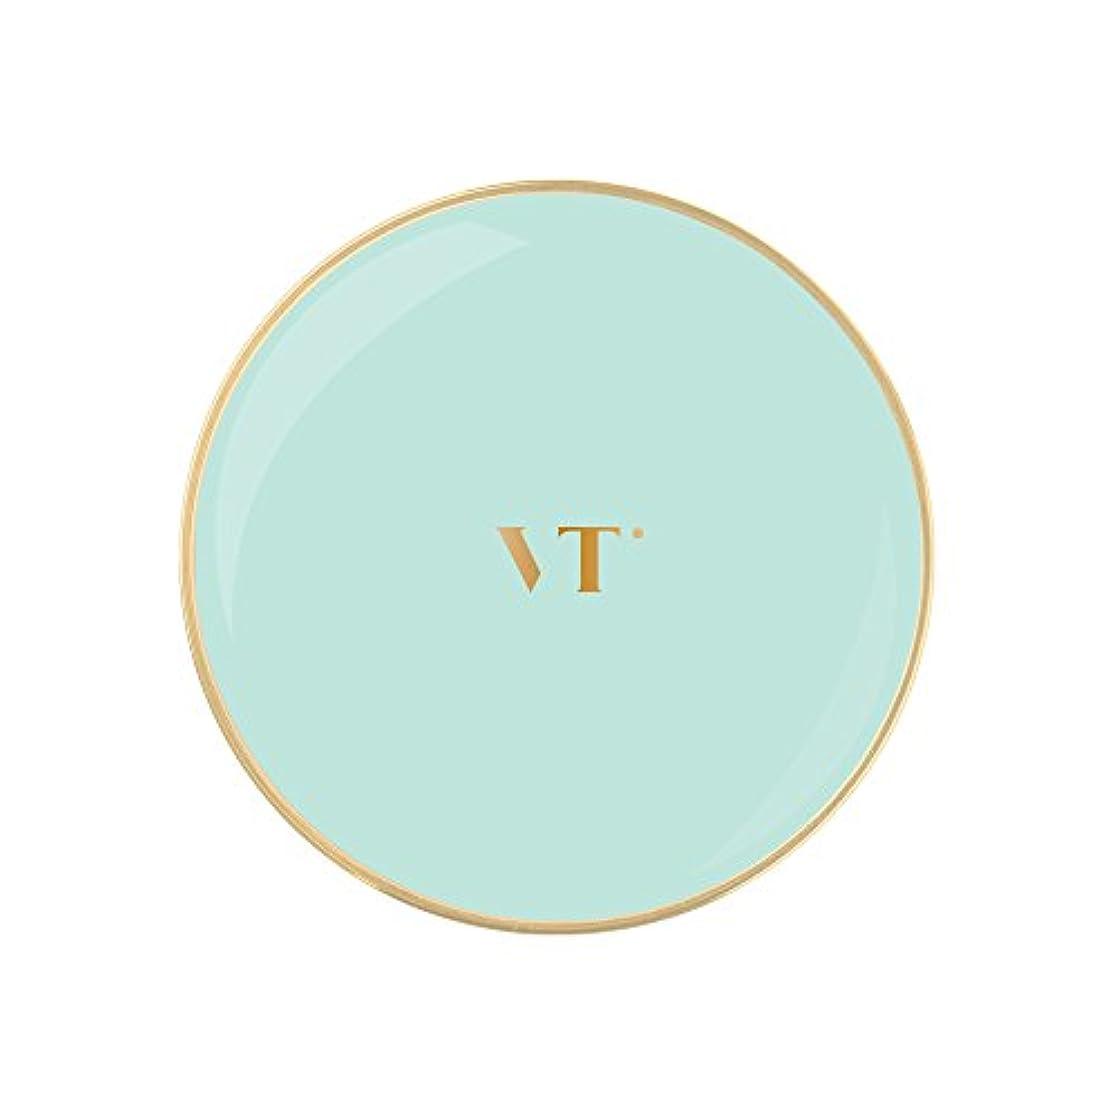 幽霊鮫呪われたVT Blue Collagen Pact 11g/ブイティー ブルー コラーゲン パクト 11g (#21) [並行輸入品]